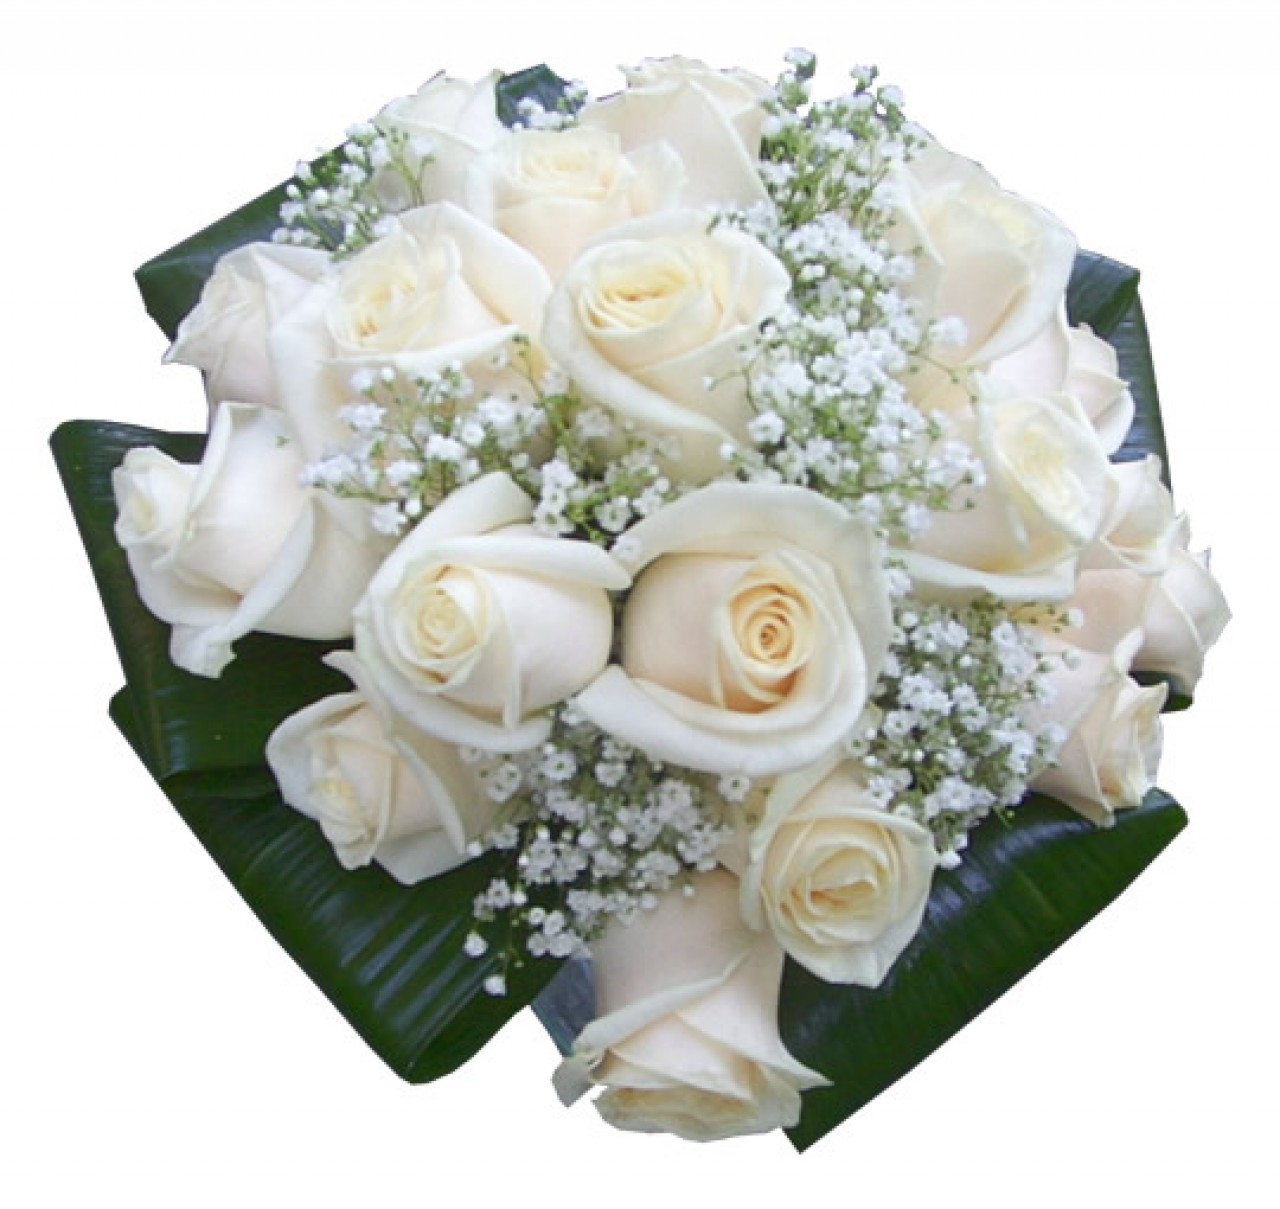 903722ee95f8 Ti svelo il segreto per un bouquet della sposa a 5 stelle!